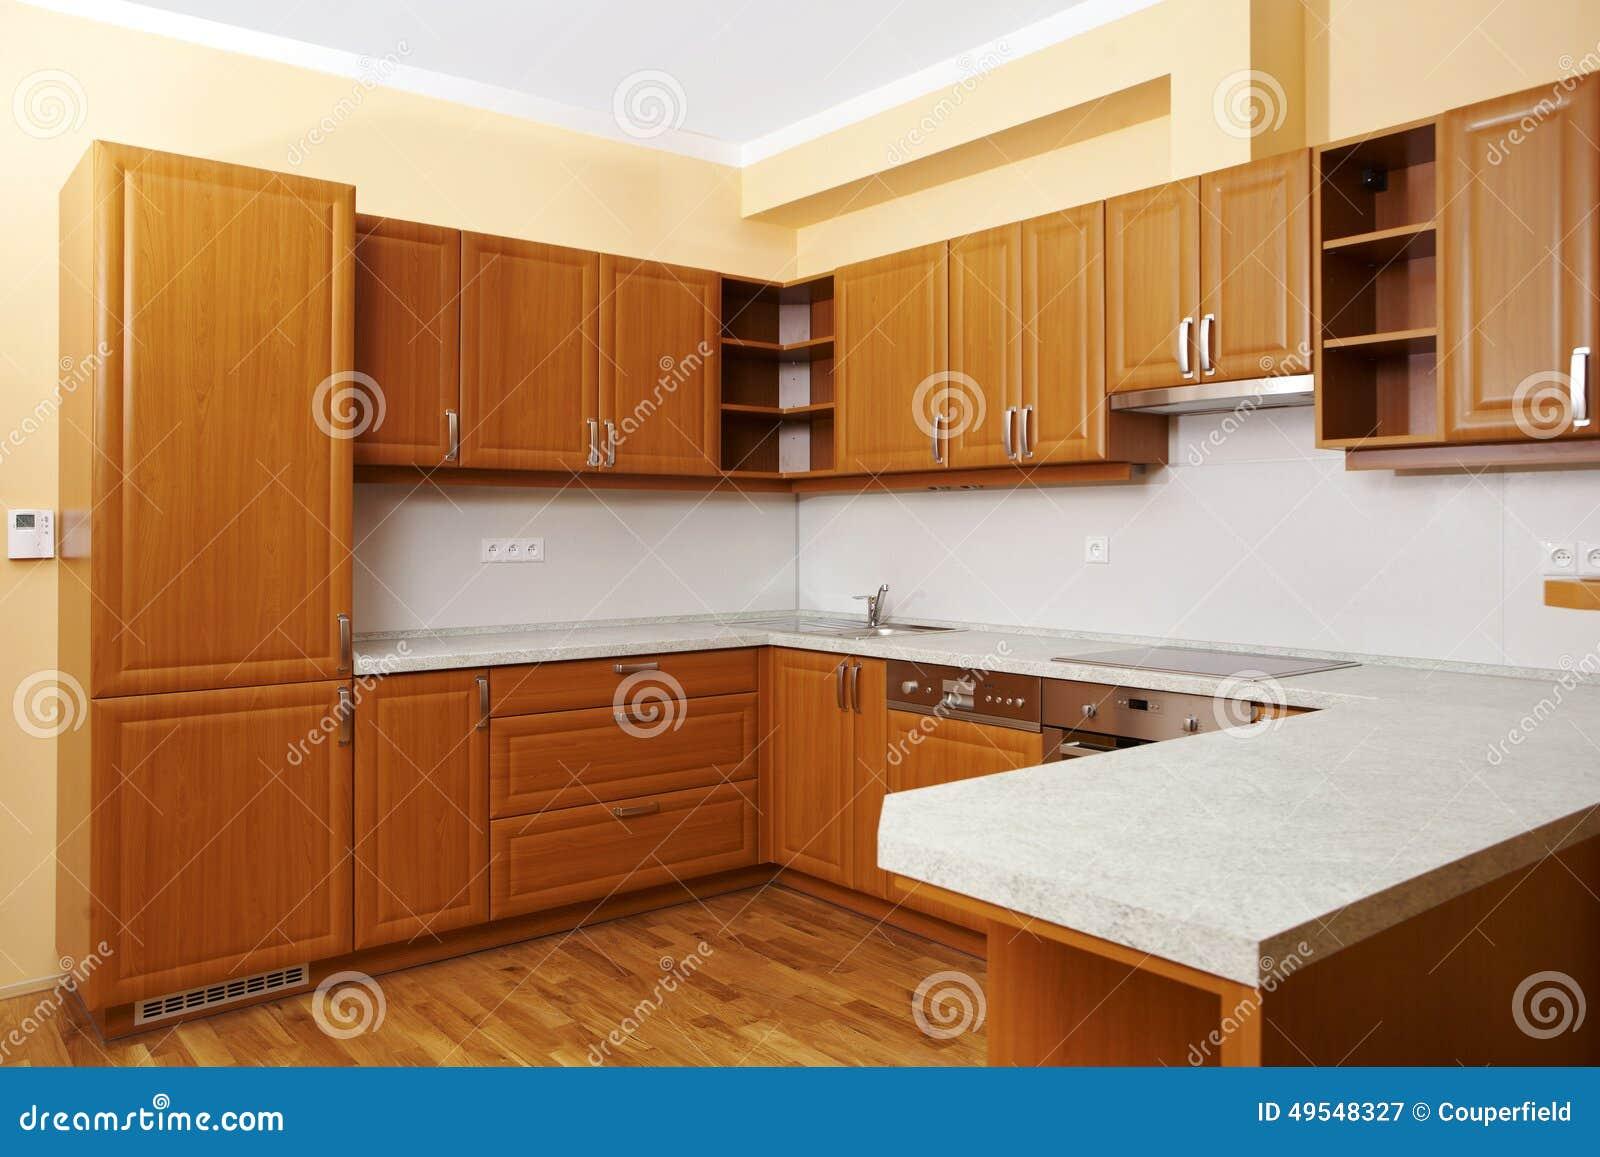 Cozinha De Madeira Moderna Imagem De Stock Imagem De Estilo 49548327